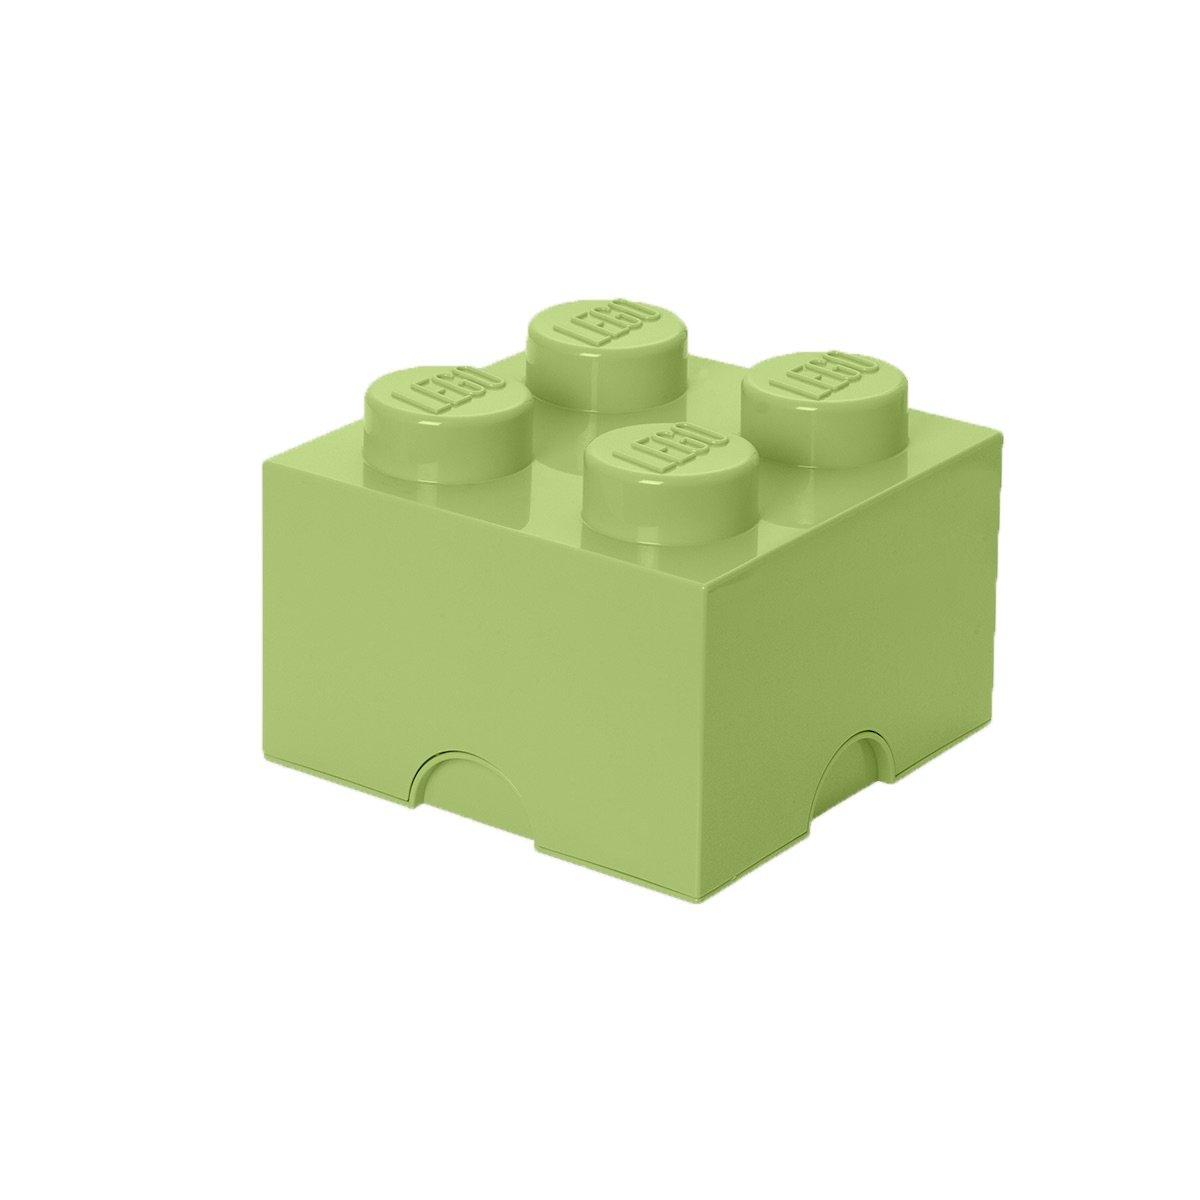 Spr Contenitore Impilabile Mattoncino-contenitore Lego a 4 Bottoncini 5,7 Litri Yellowish Green